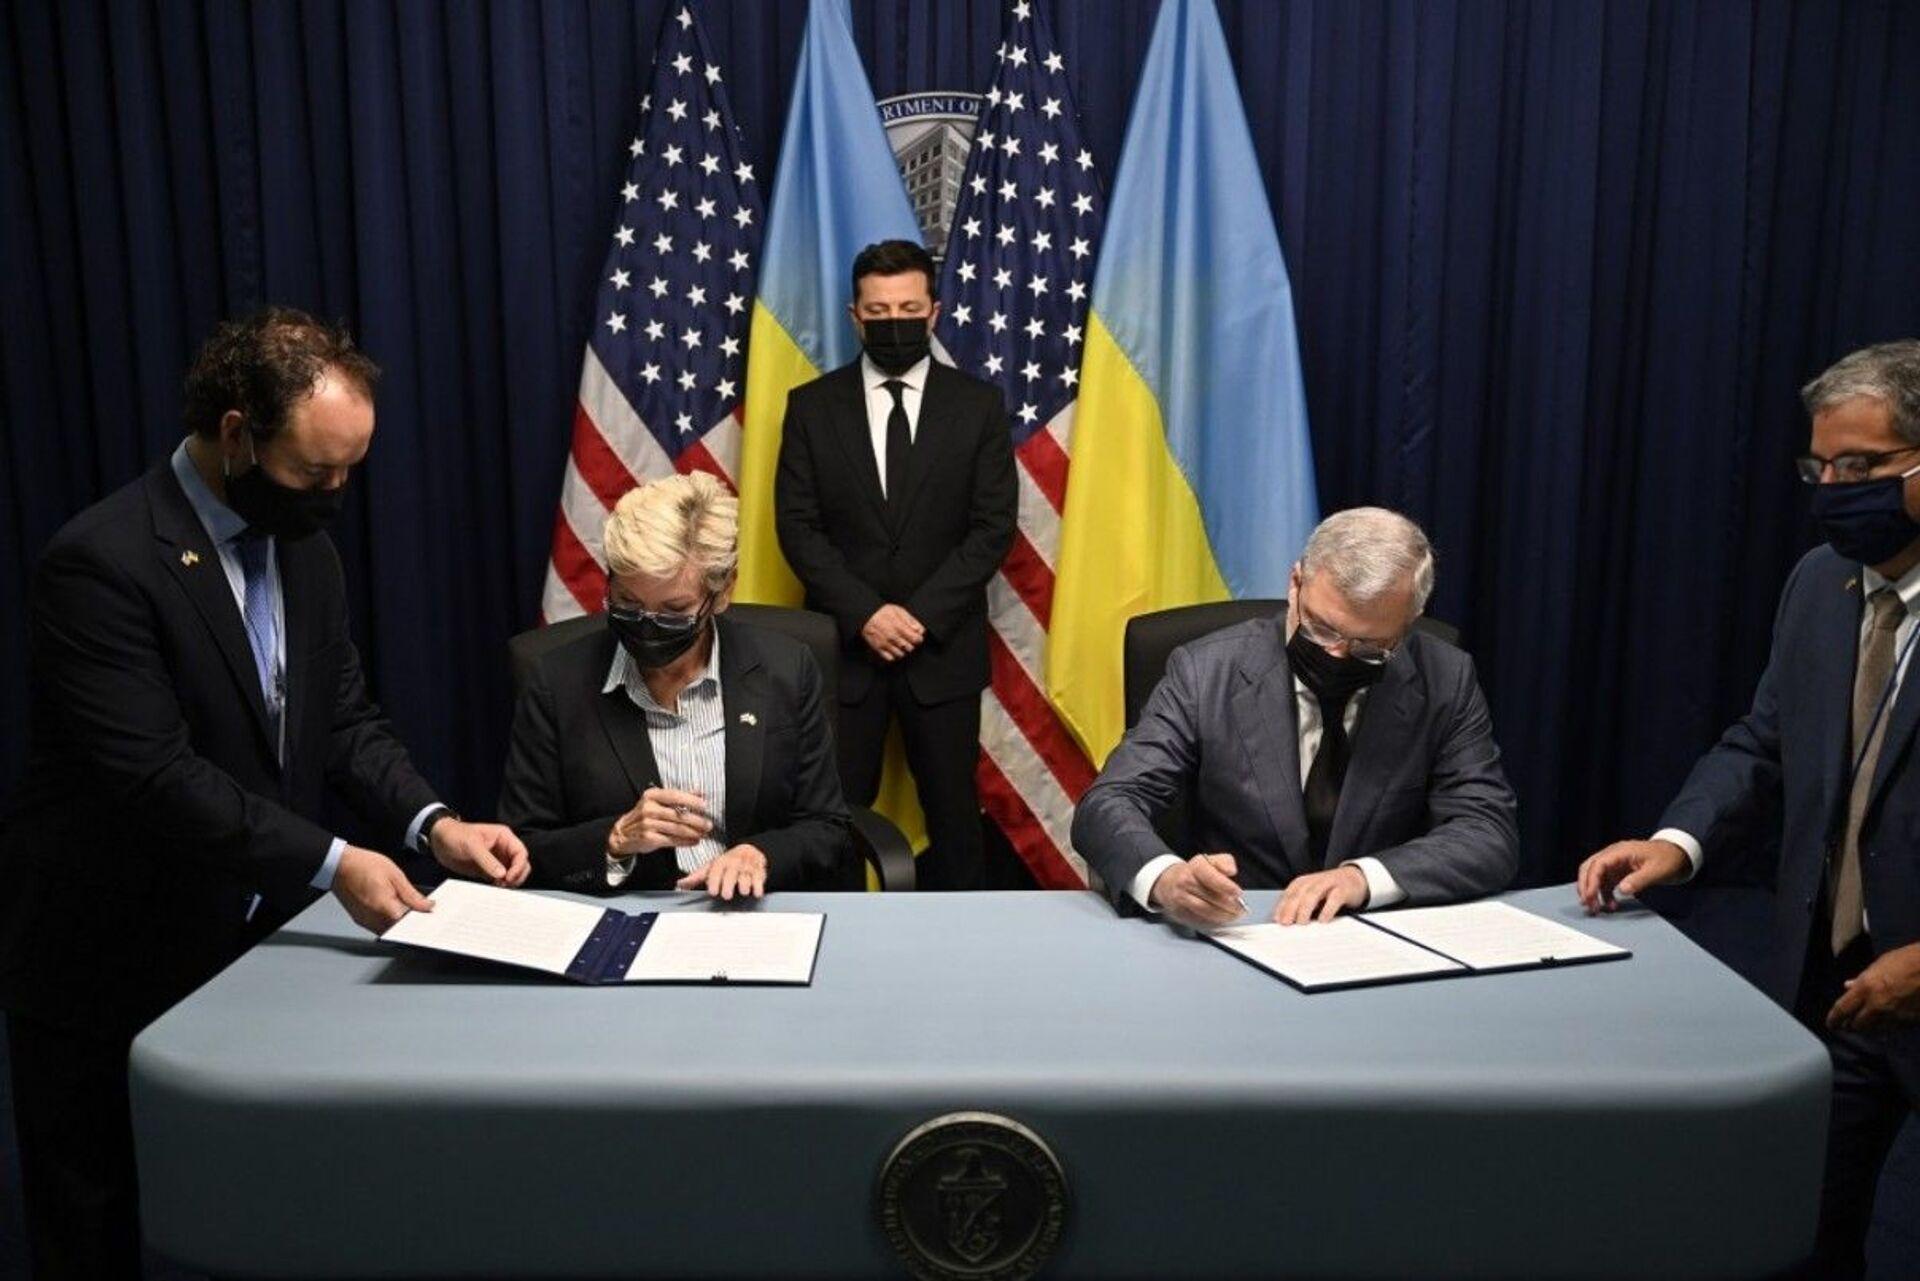 Tổng thống Ukraina Vladimir Zelenskyy tại buổi ký kết các văn kiện trong chuyến thăm Mỹ - Sputnik Việt Nam, 1920, 05.10.2021